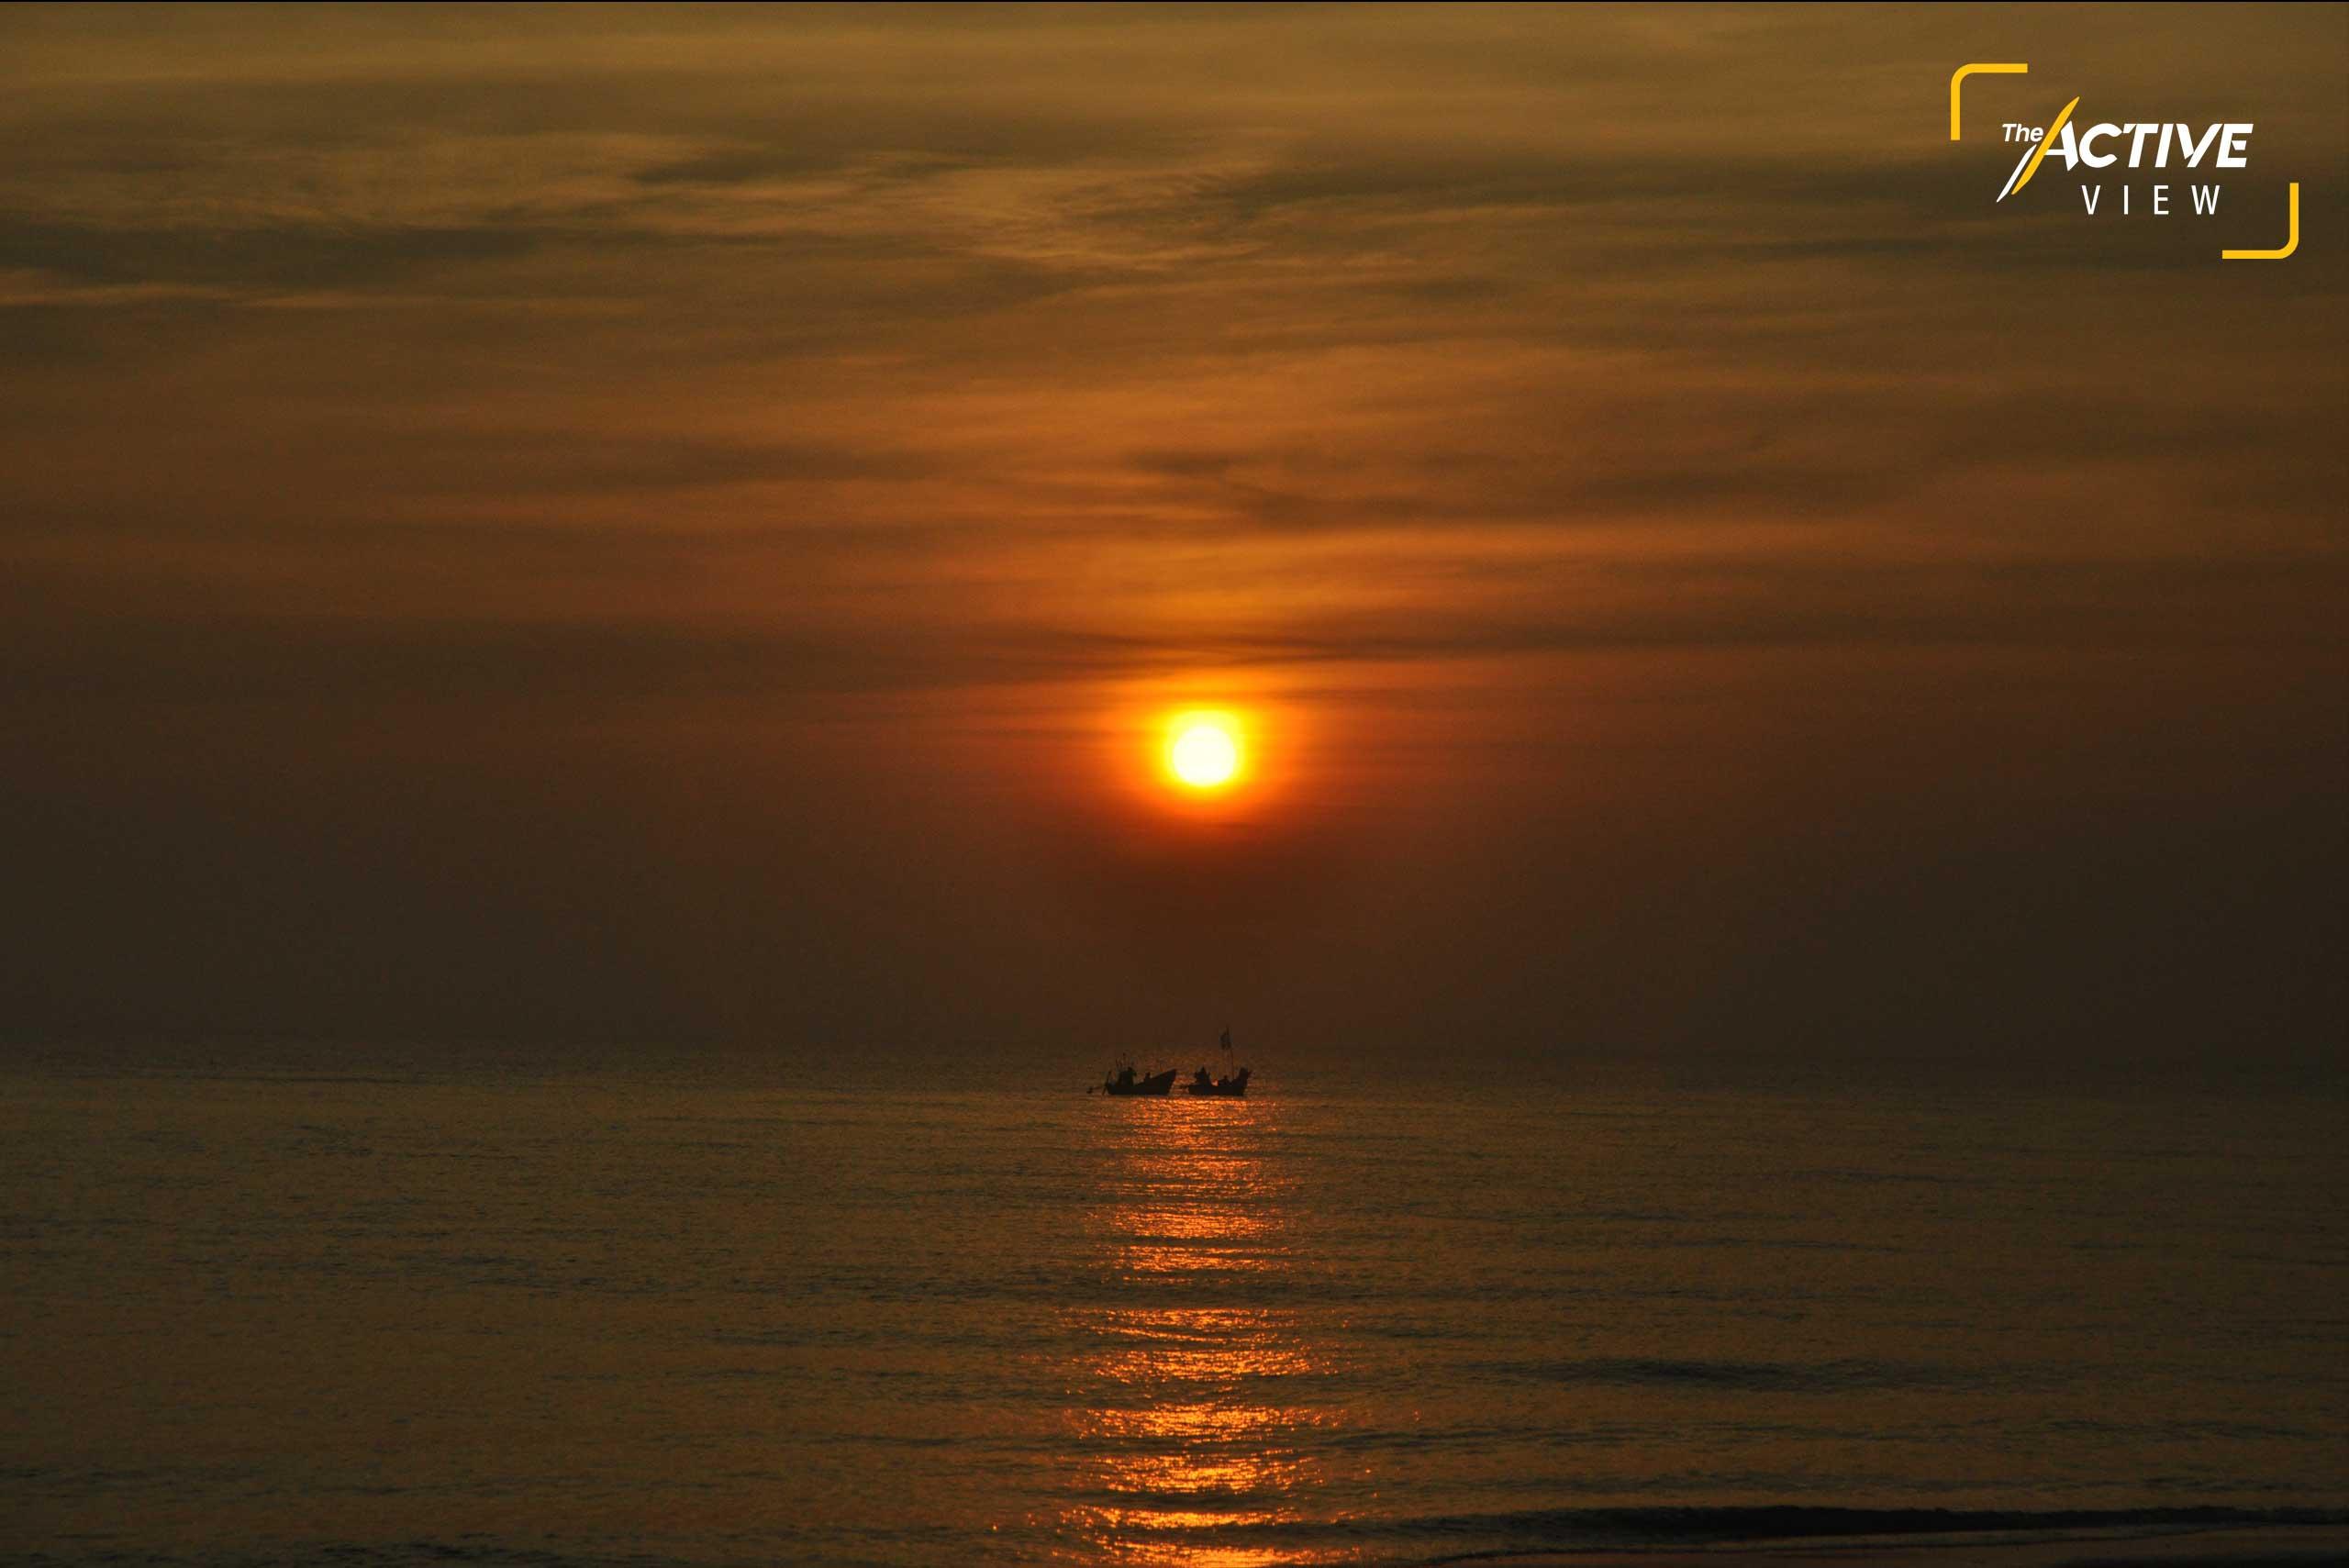 แสงแรกของพระอาทิตย์ พร้อมกับชีวิตผู้คน... เริ่มต้นที่เดิมในวันใหม่